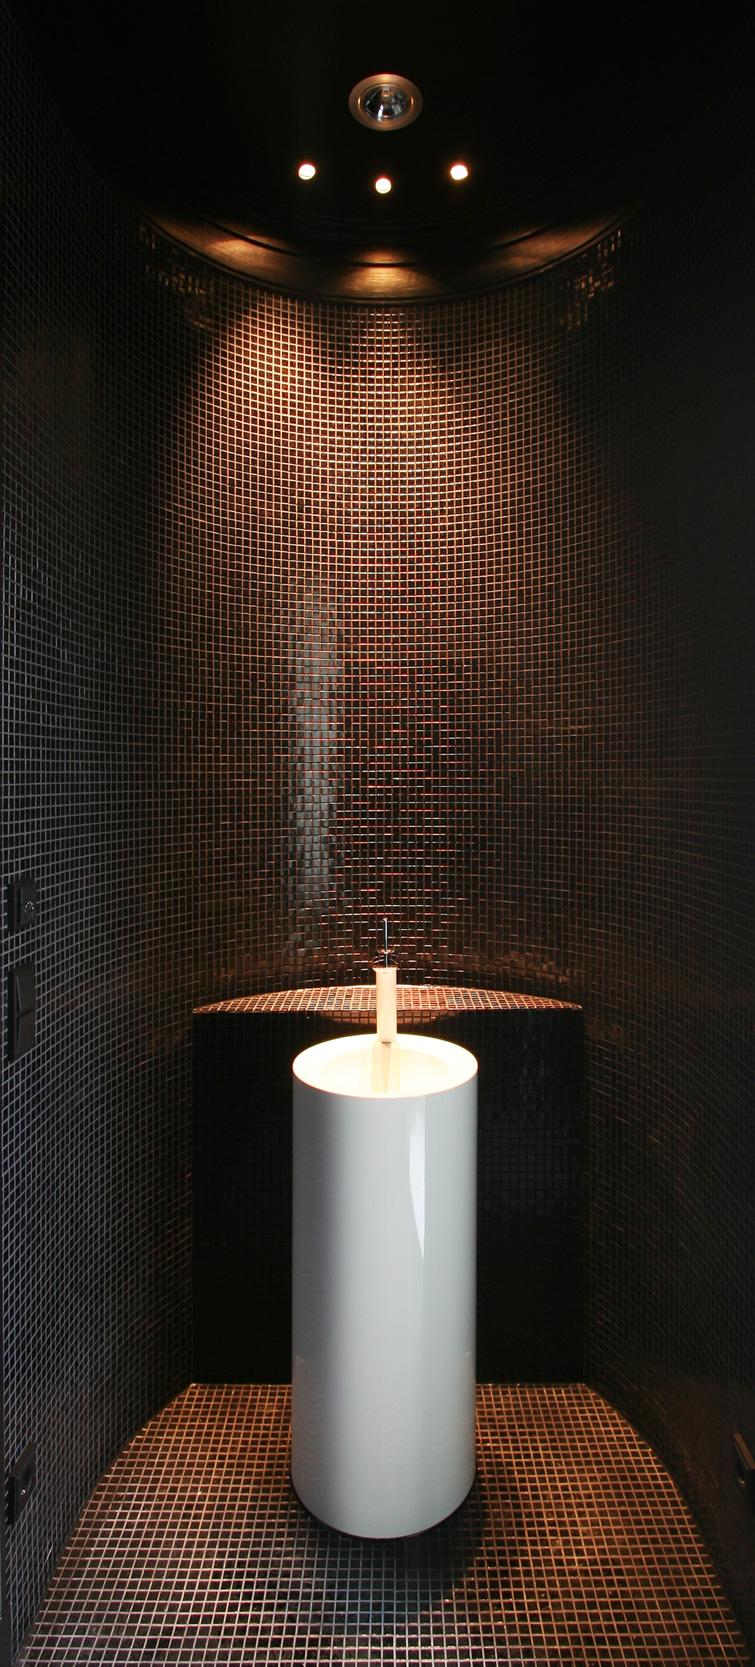 KLASSIK UND TRADITION - Die weiße Waschstele des Gästebads - Die Verlegung der Bisazza-Fliesen wurden in höchster Handwerkskunst ausgeführt.